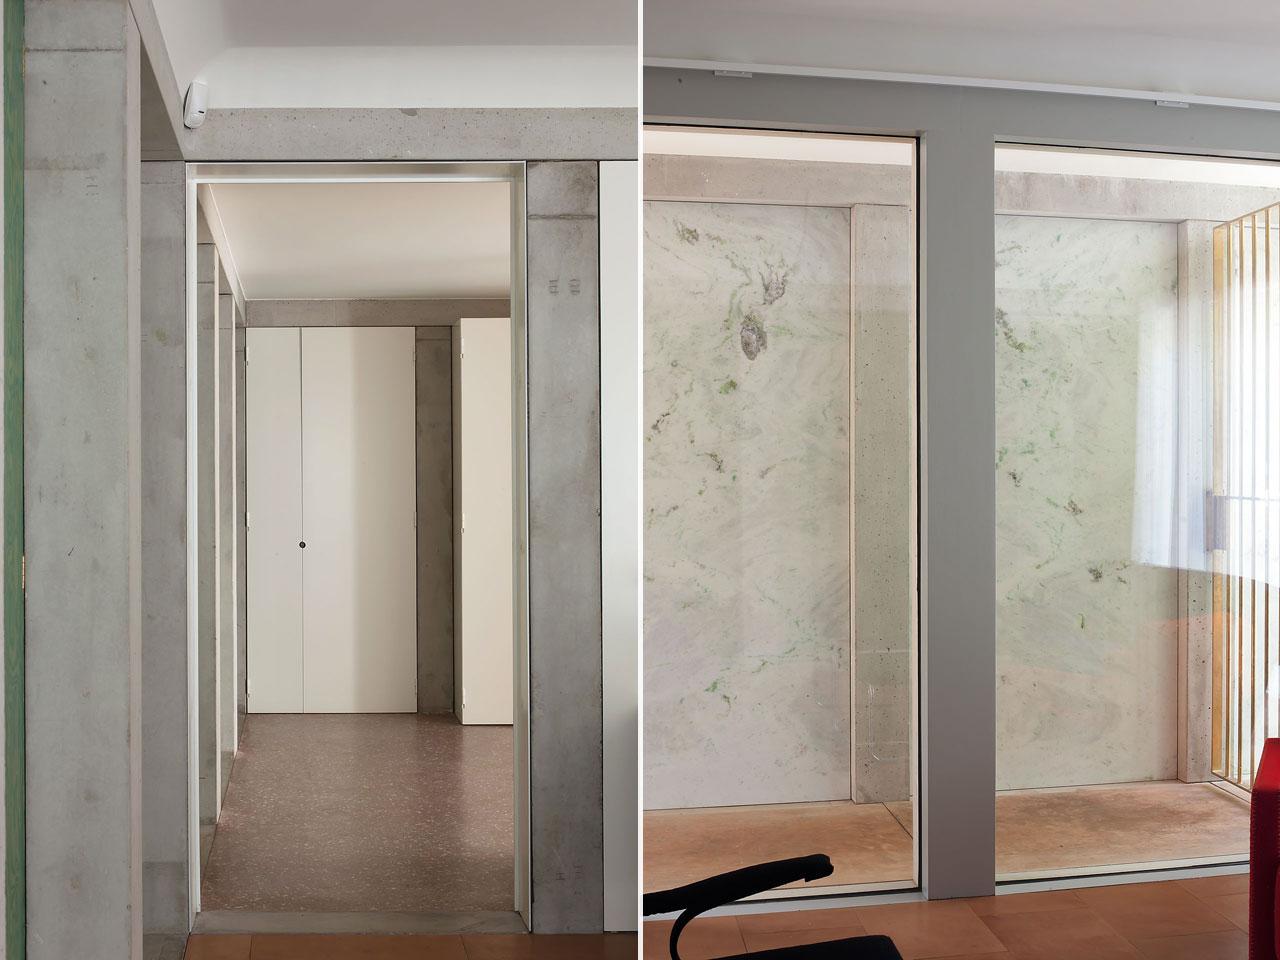 ... : Il corridoio d'accesso con il muro del garage rivestito in marmo